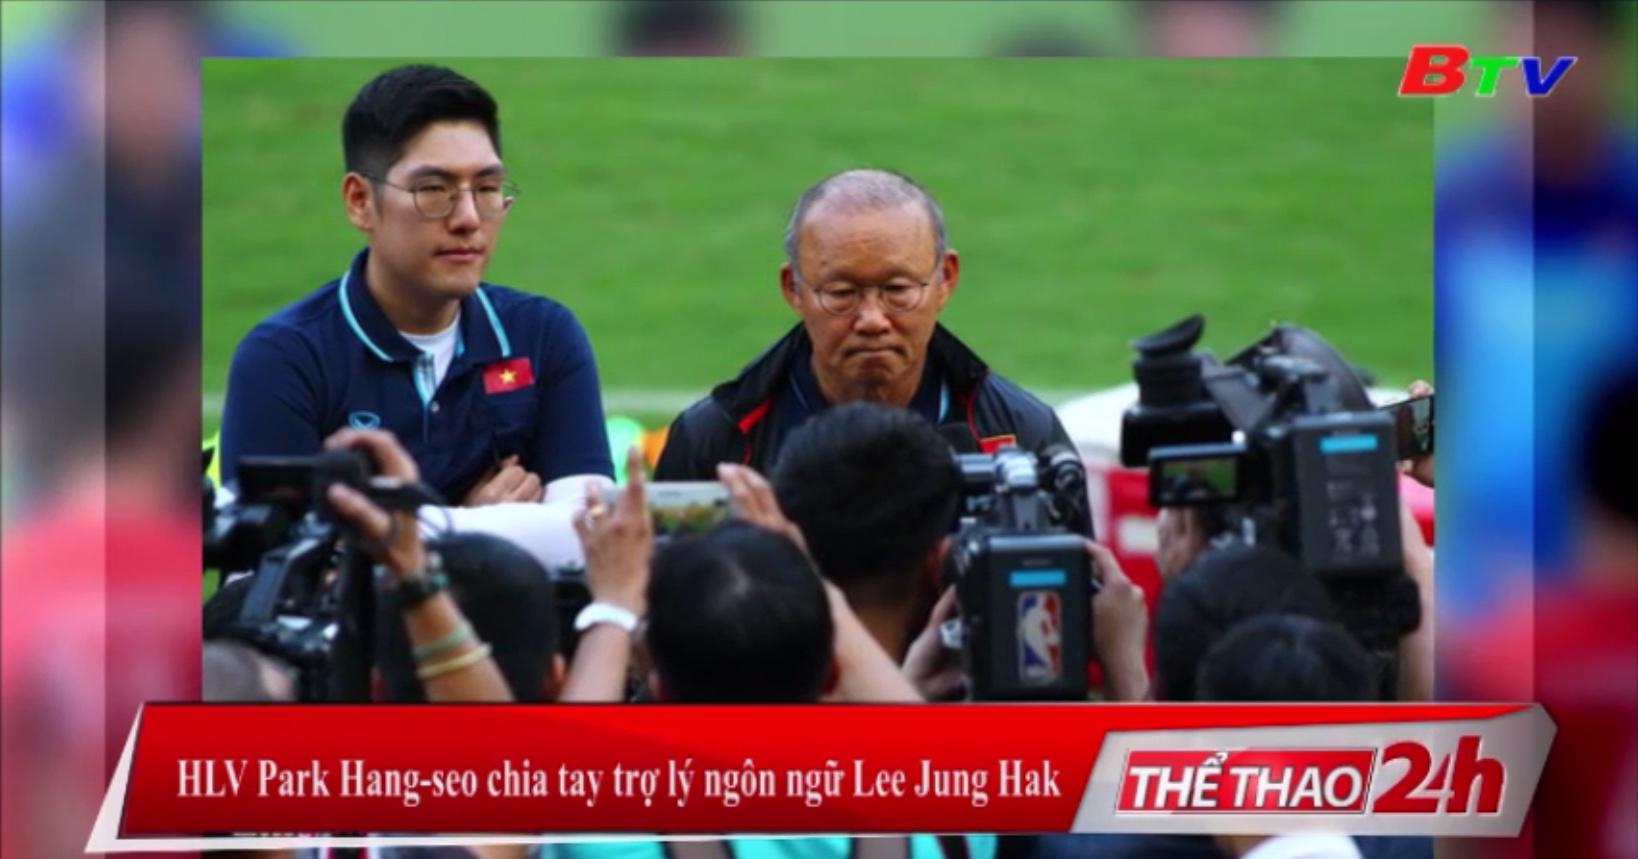 HLV Park Hang-seo chia tay trợ lý ngôn ngữ Lee Jung Hak